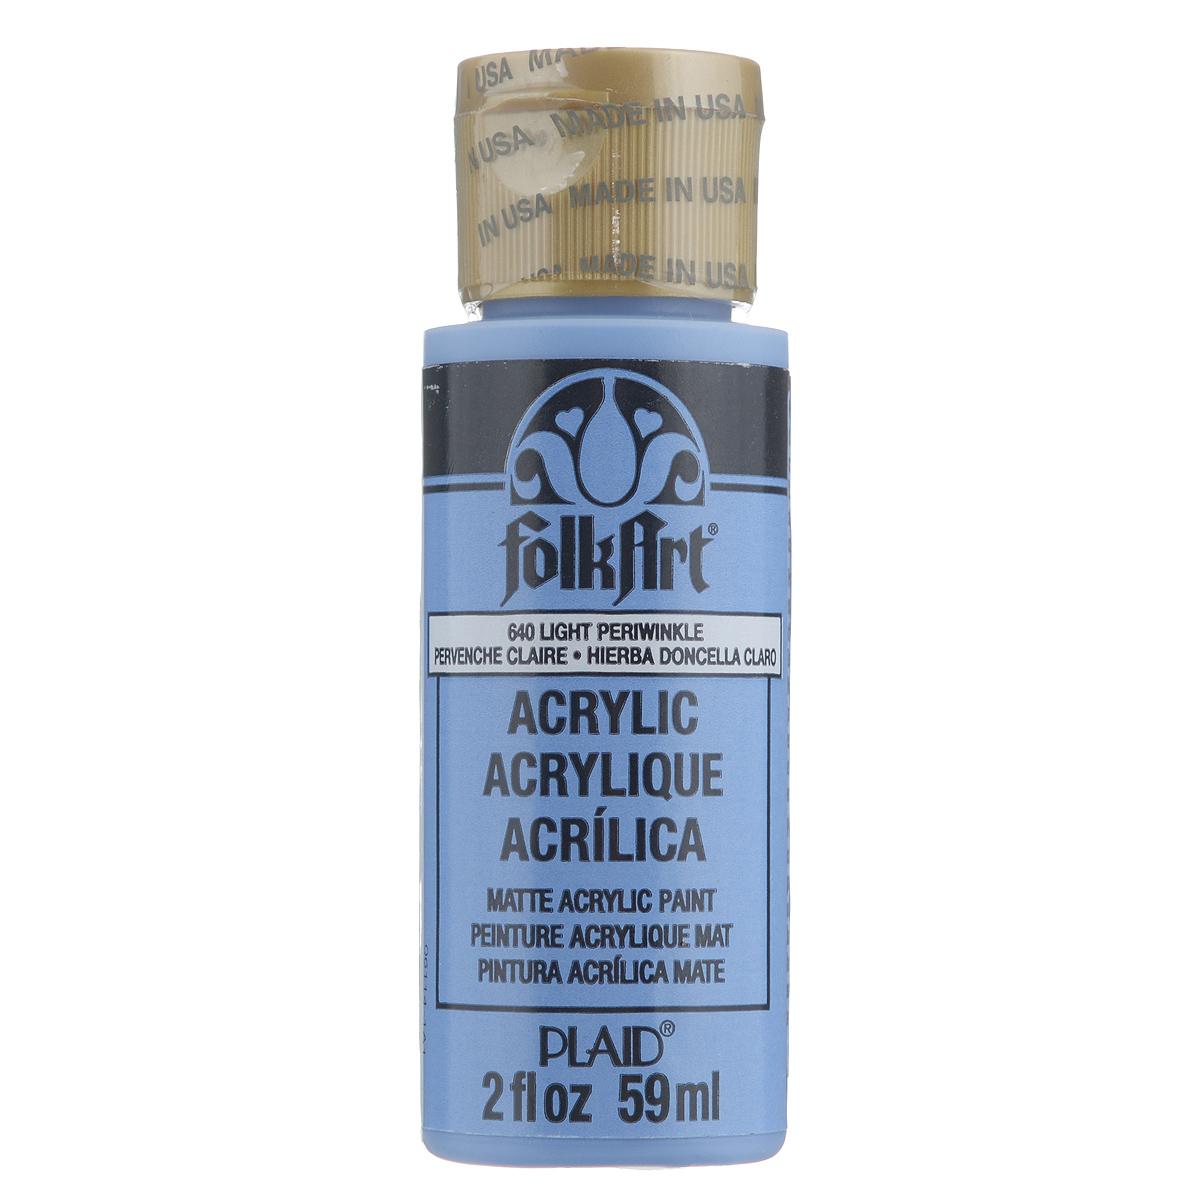 Акриловая краска FolkArt, цвет: светлый сине-фиолетовый, 59 млPLD-00640Акриловая краска FolkArt выполнена на водной основе и предназначена для рисования на пористых поверхностях. Возможно нанесение на ткань, стекло и керамику при использовании со специальными составами-медиумами. Стойкое окрашивание, однородная консистенция. Краски разных цветов хорошо смешиваются между собой. Перед повторным нанесением краски дать высохнуть в течение 1 часа. До высыхания может быть смыта водой с мылом. Объем: 59 мл.